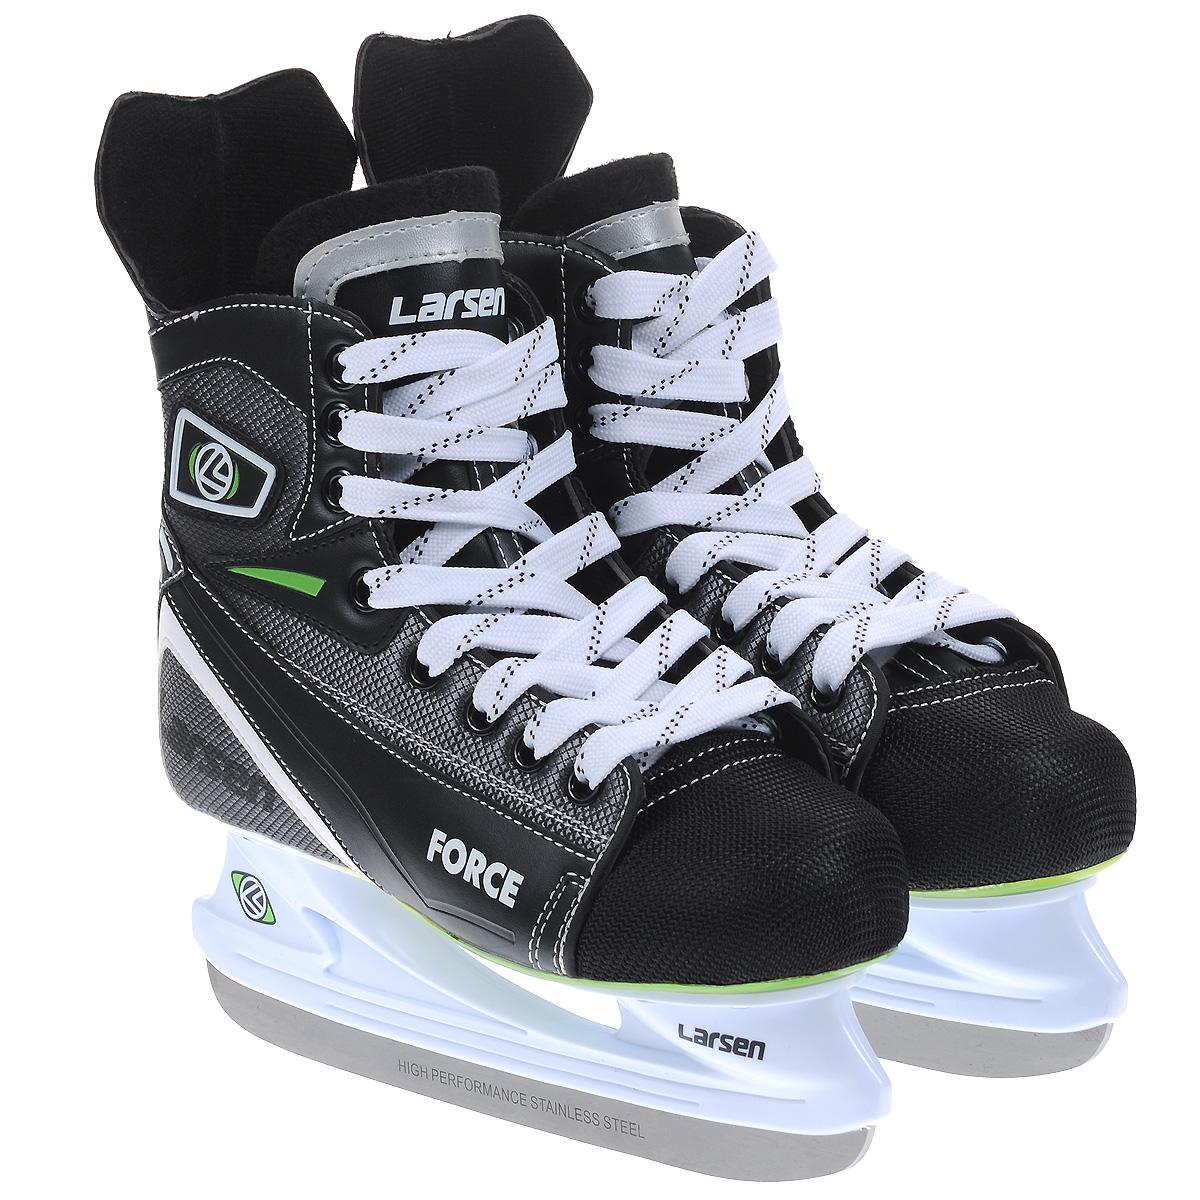 Коньки хоккейные мужские Larsen Force, цвет: черный, серый. Размер 41